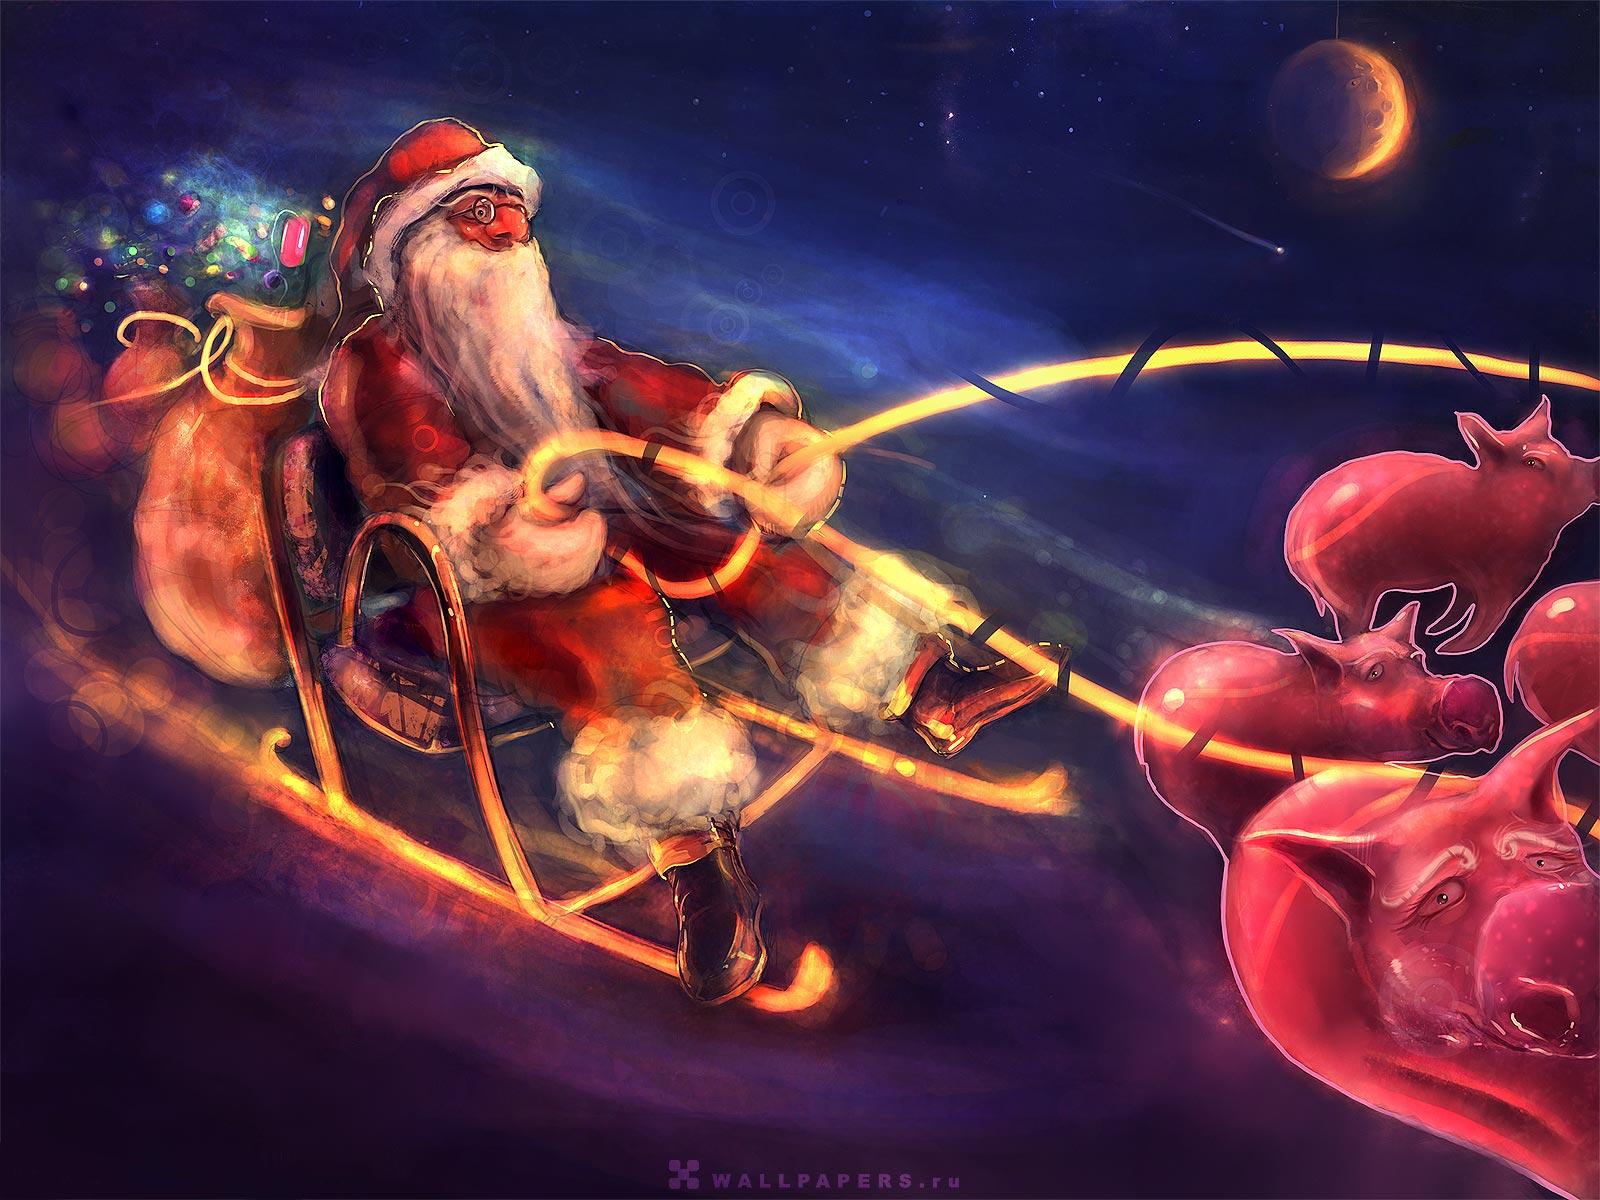 77] Funny Christmas Wallpaper on WallpaperSafari 1600x1200